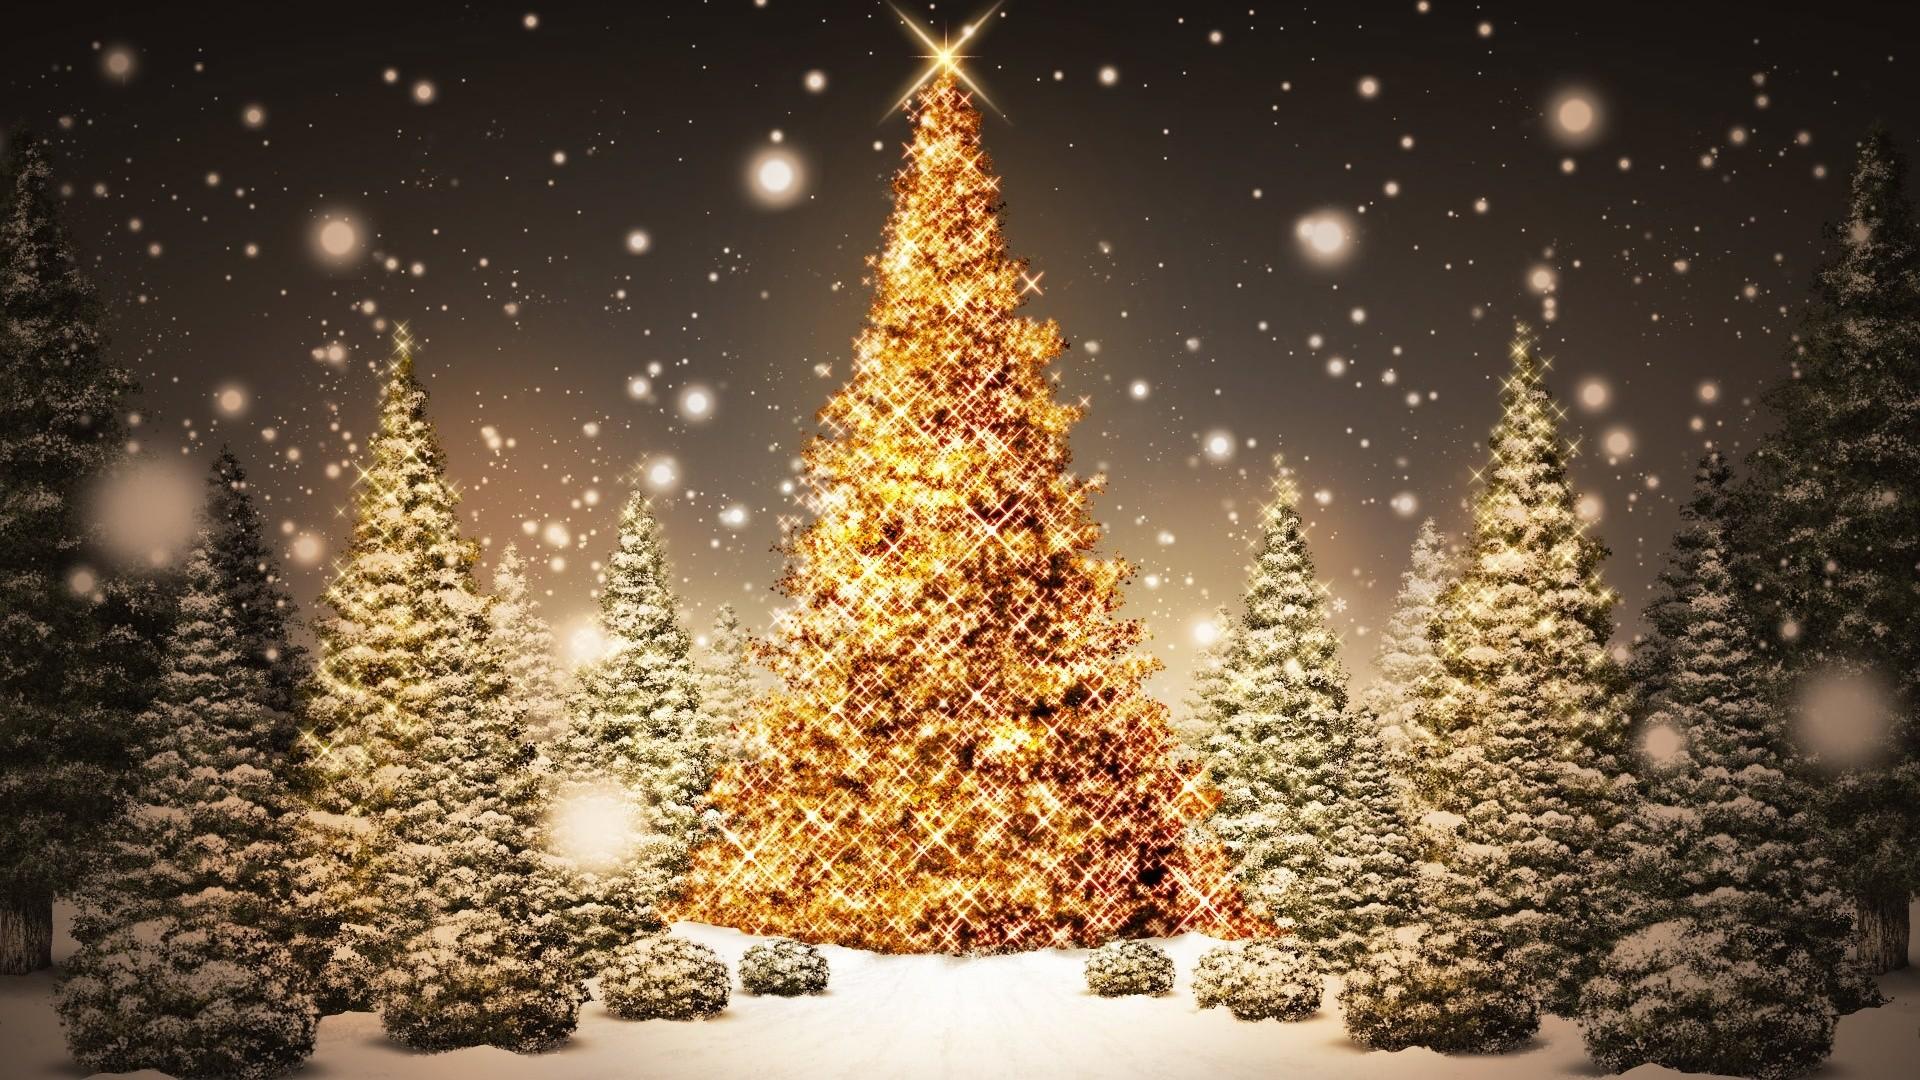 Christmas Tree Wallpapers. 16 HD Christmas Tree Desktop Wallpapers For Free  Download. christmas